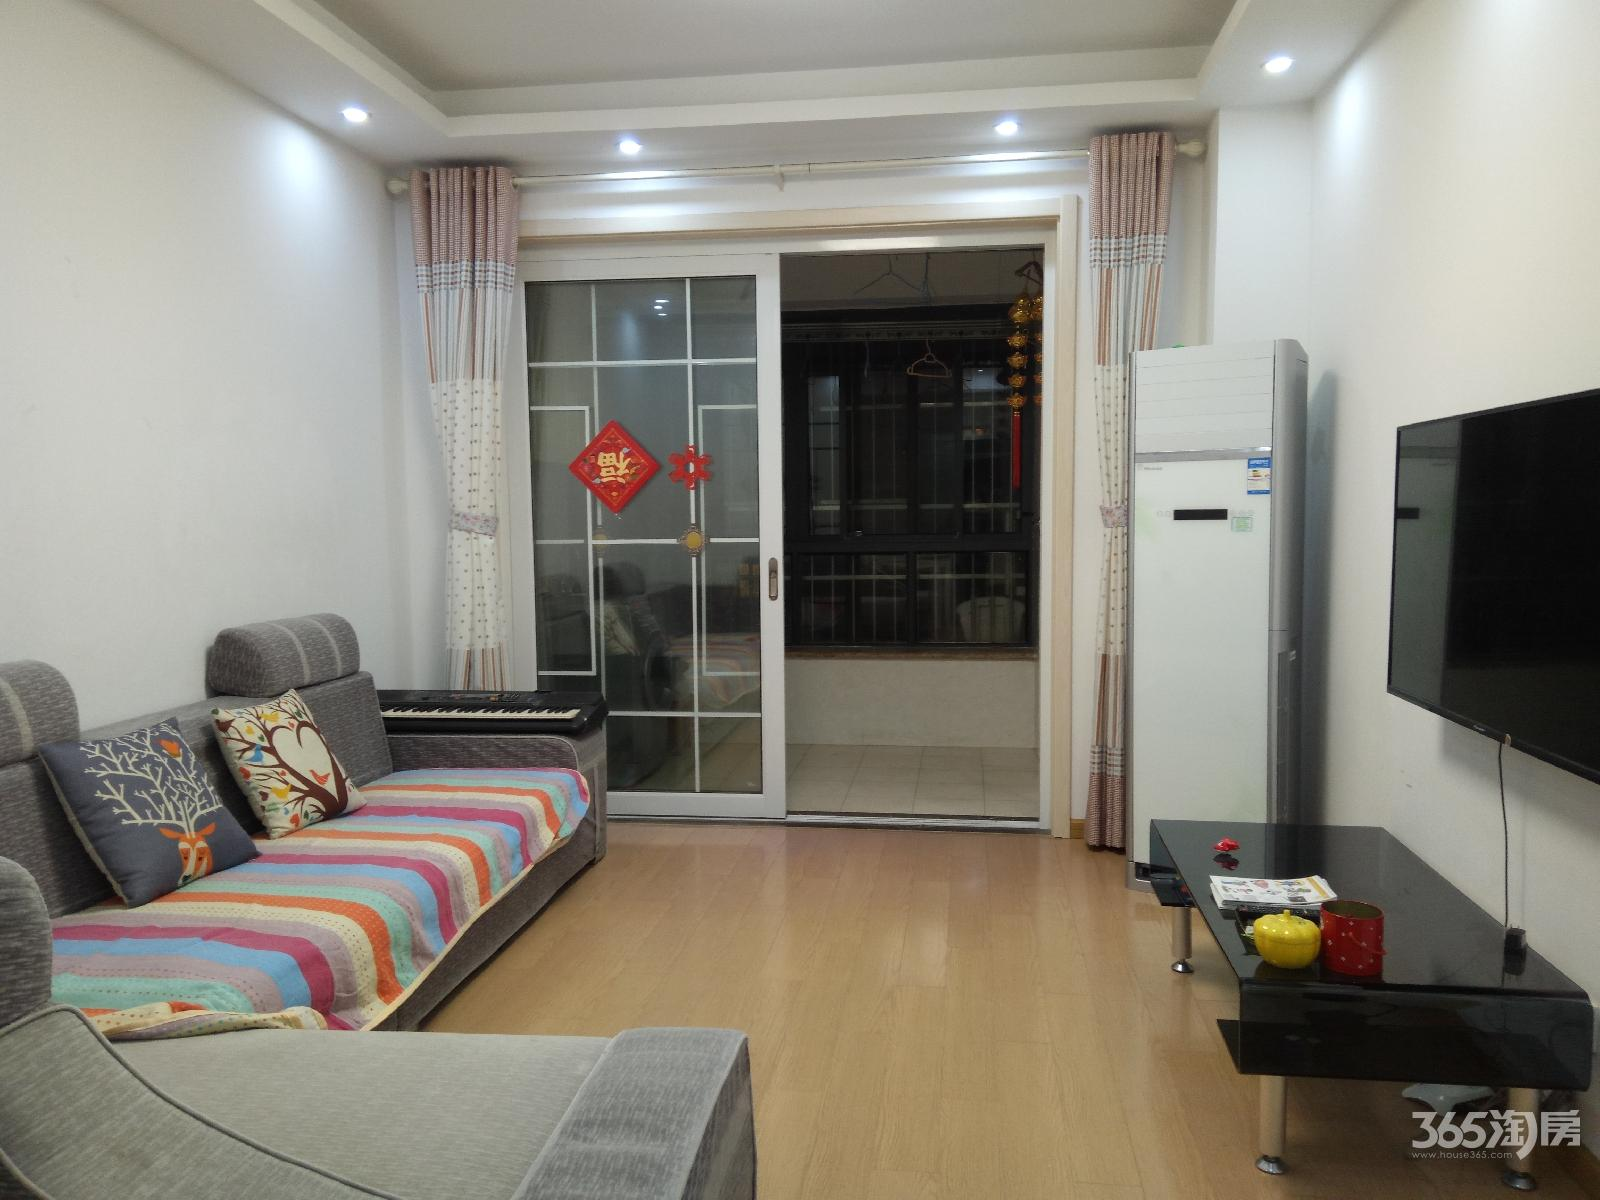 托乐嘉旺邻居精装两房中间位置可改三房设施全送双学区